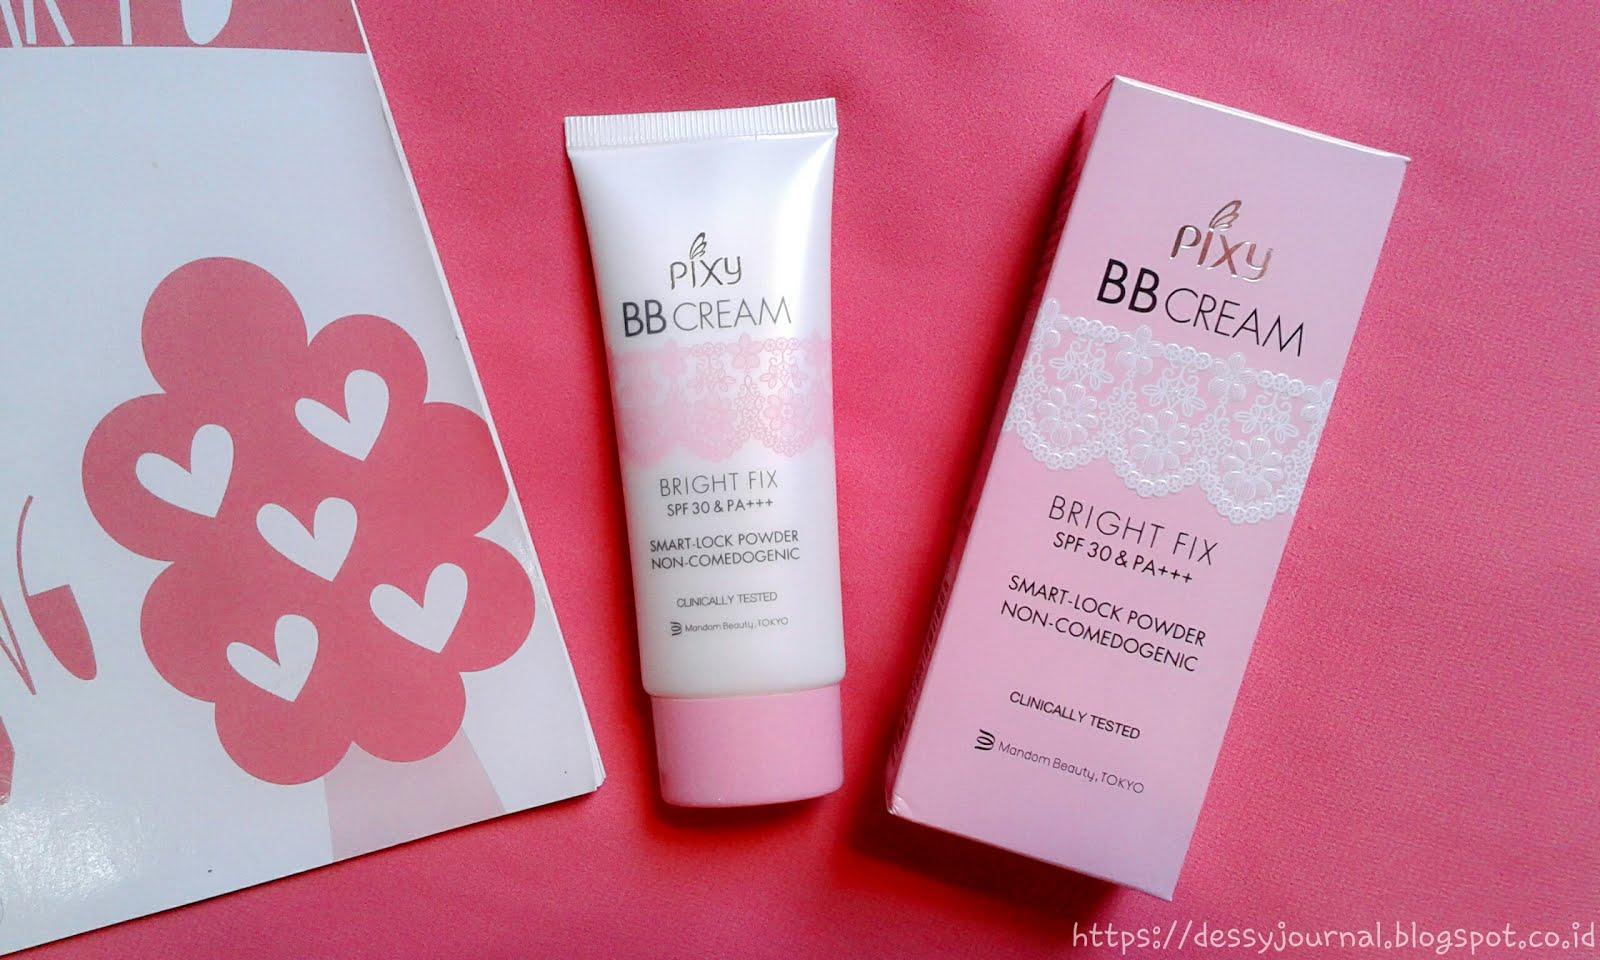 Dessy Journal Review Pixy Bb Cream Bright Fix Ochre Yang Aa Dan Ee Malah Saya Belum Pernah Liat Apalagi Nyobain Yup Daripada Ngobrol Yuk Kita Aja Topik Hari Ini